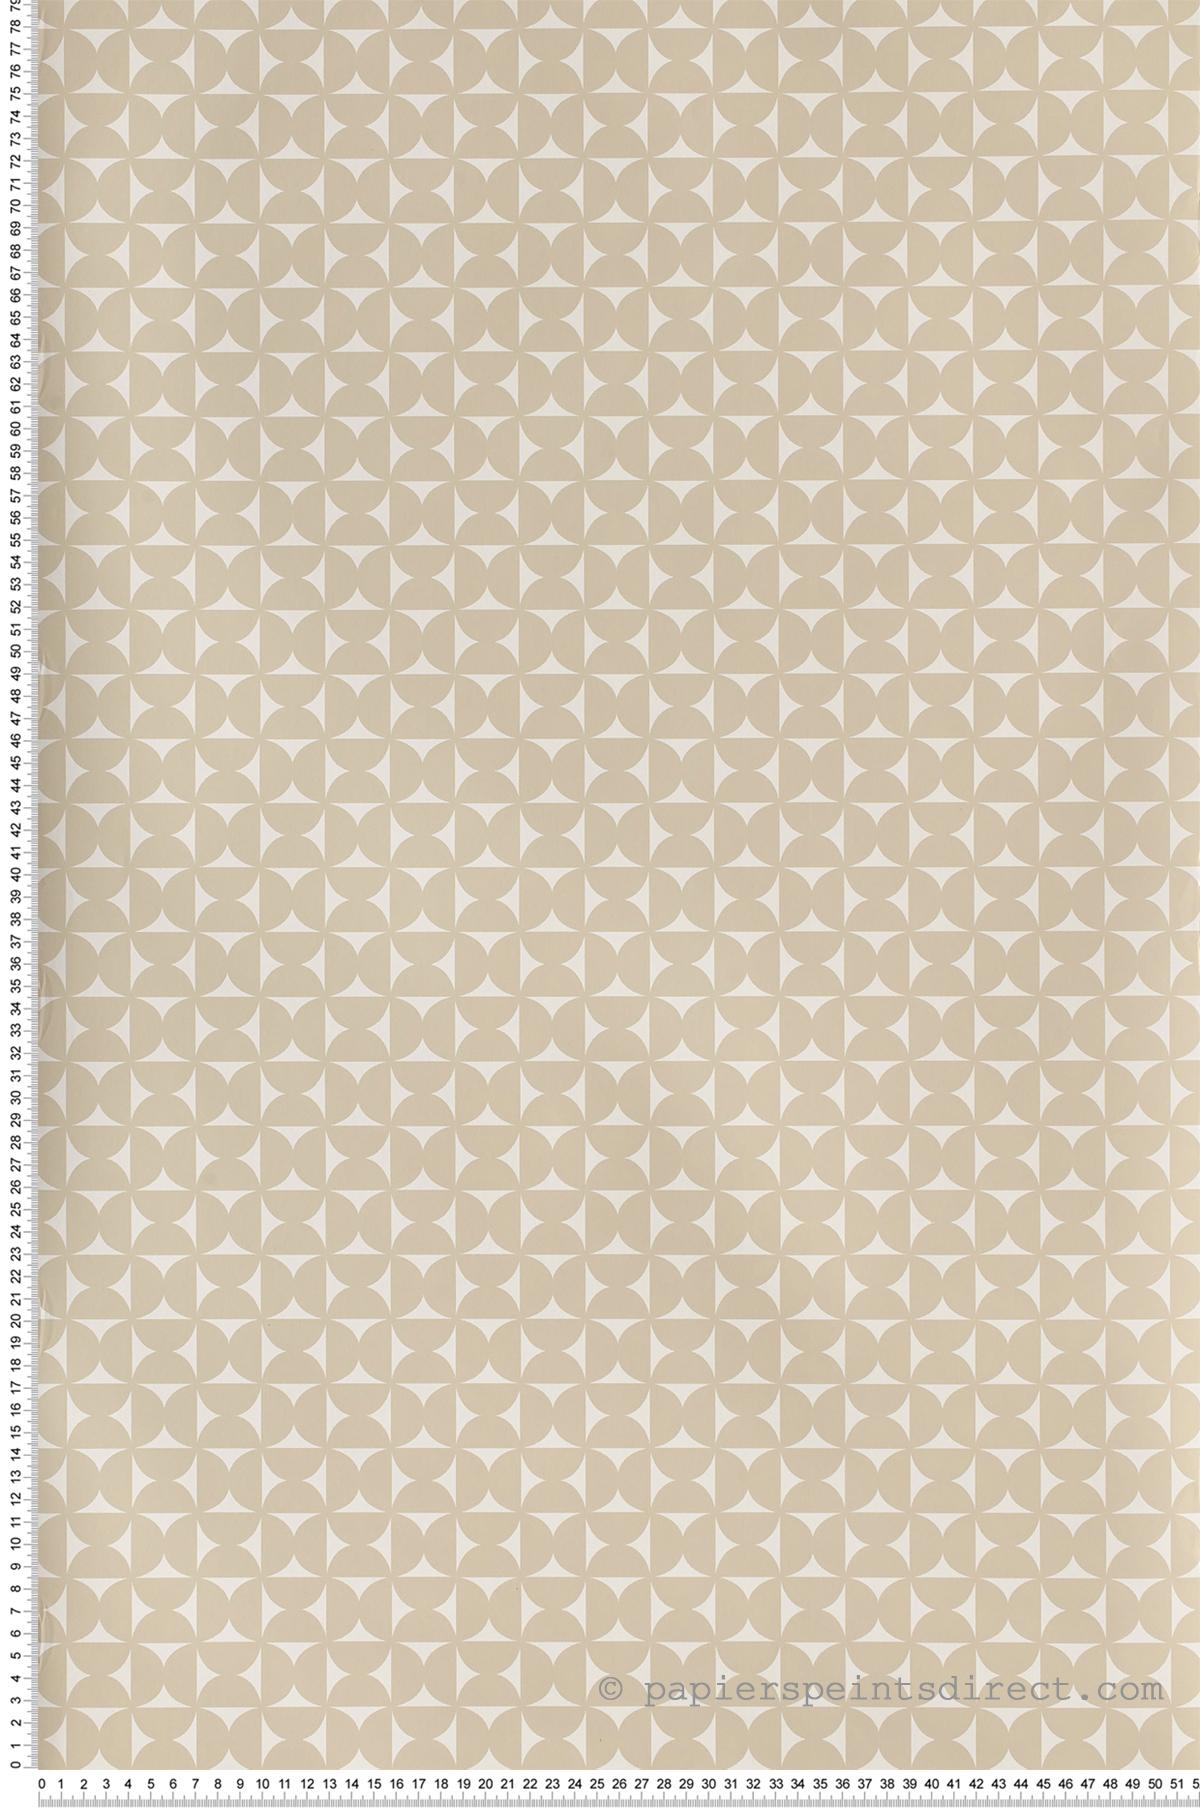 Géométrie beige - Collection Dwell Studio de York by Initiales